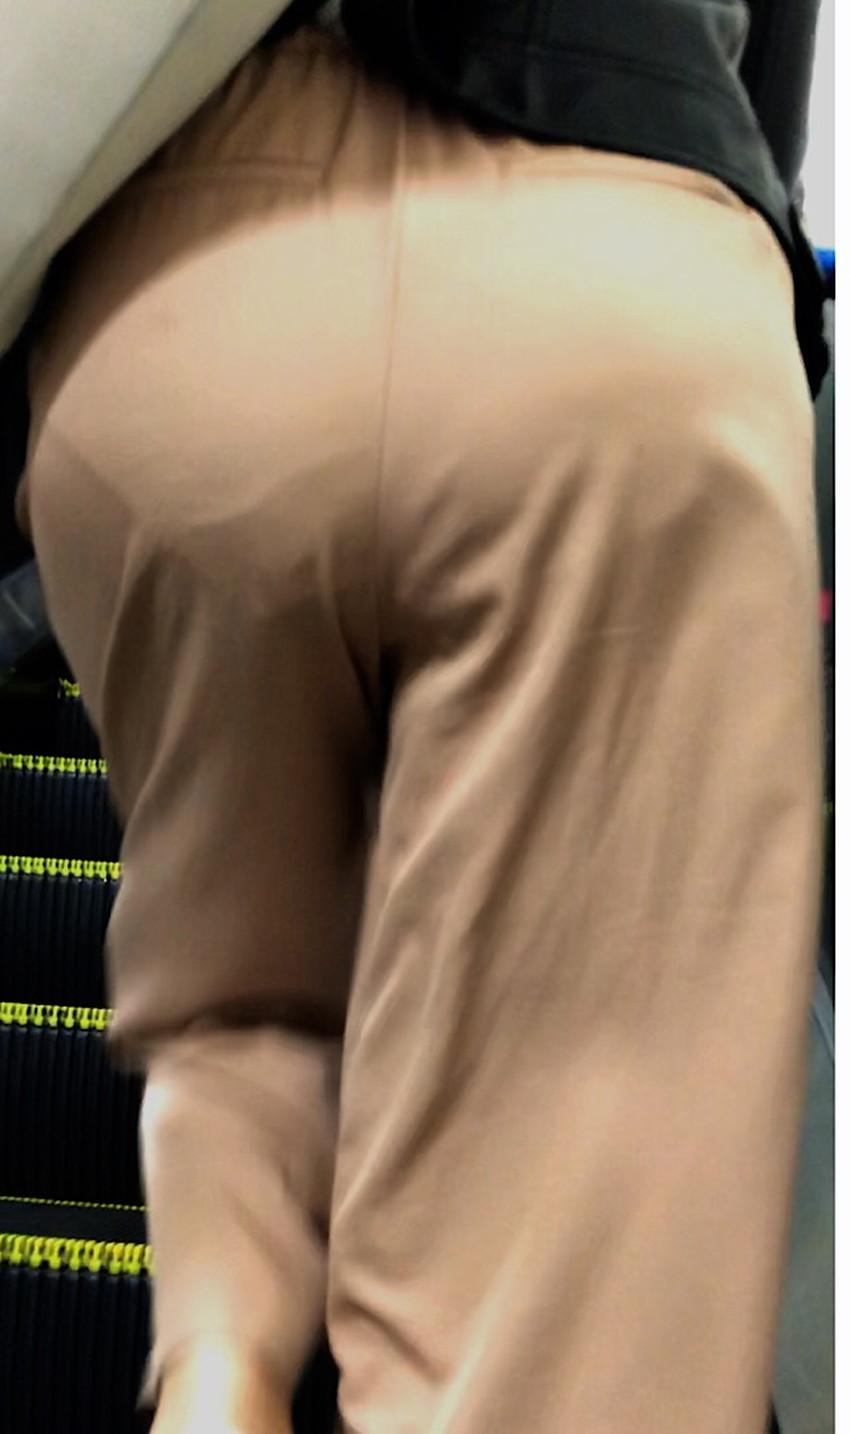 【ガウチョパンツエロ画像】街中で透けパンやパンティーラインが盗撮できちゃうガウチョパンツのエロ画像集ww!w【80枚】 28